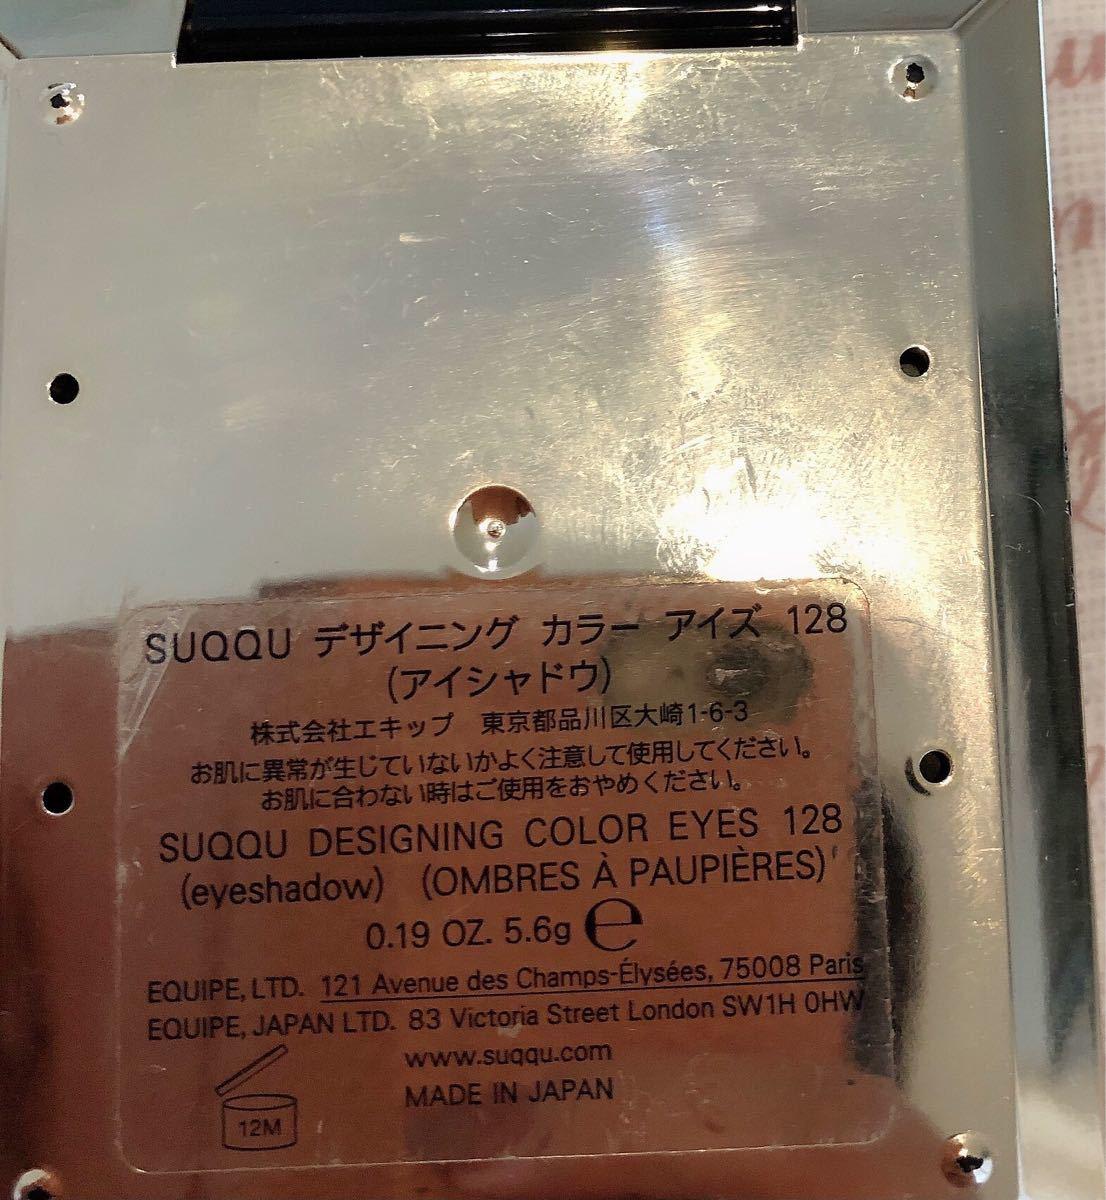 SUQQU デザイニングカラーアイズ スック128 アイシャドウ